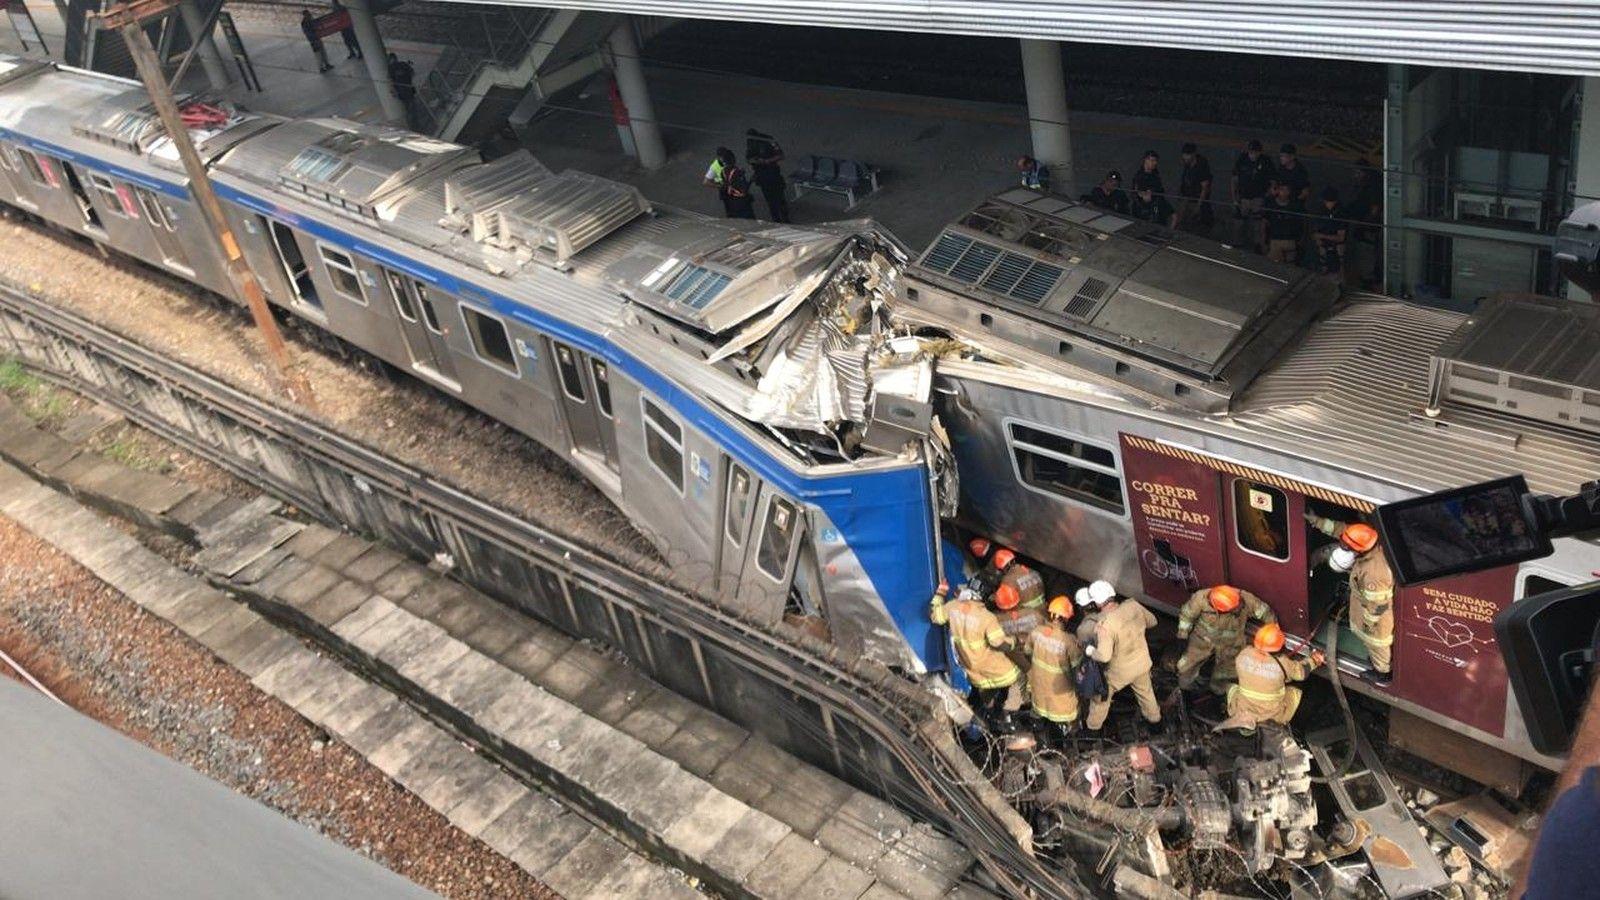 Colisão de trens na Estação São Cristóvão deixa pelo menos cinco feridos no Rio de Janeiro!